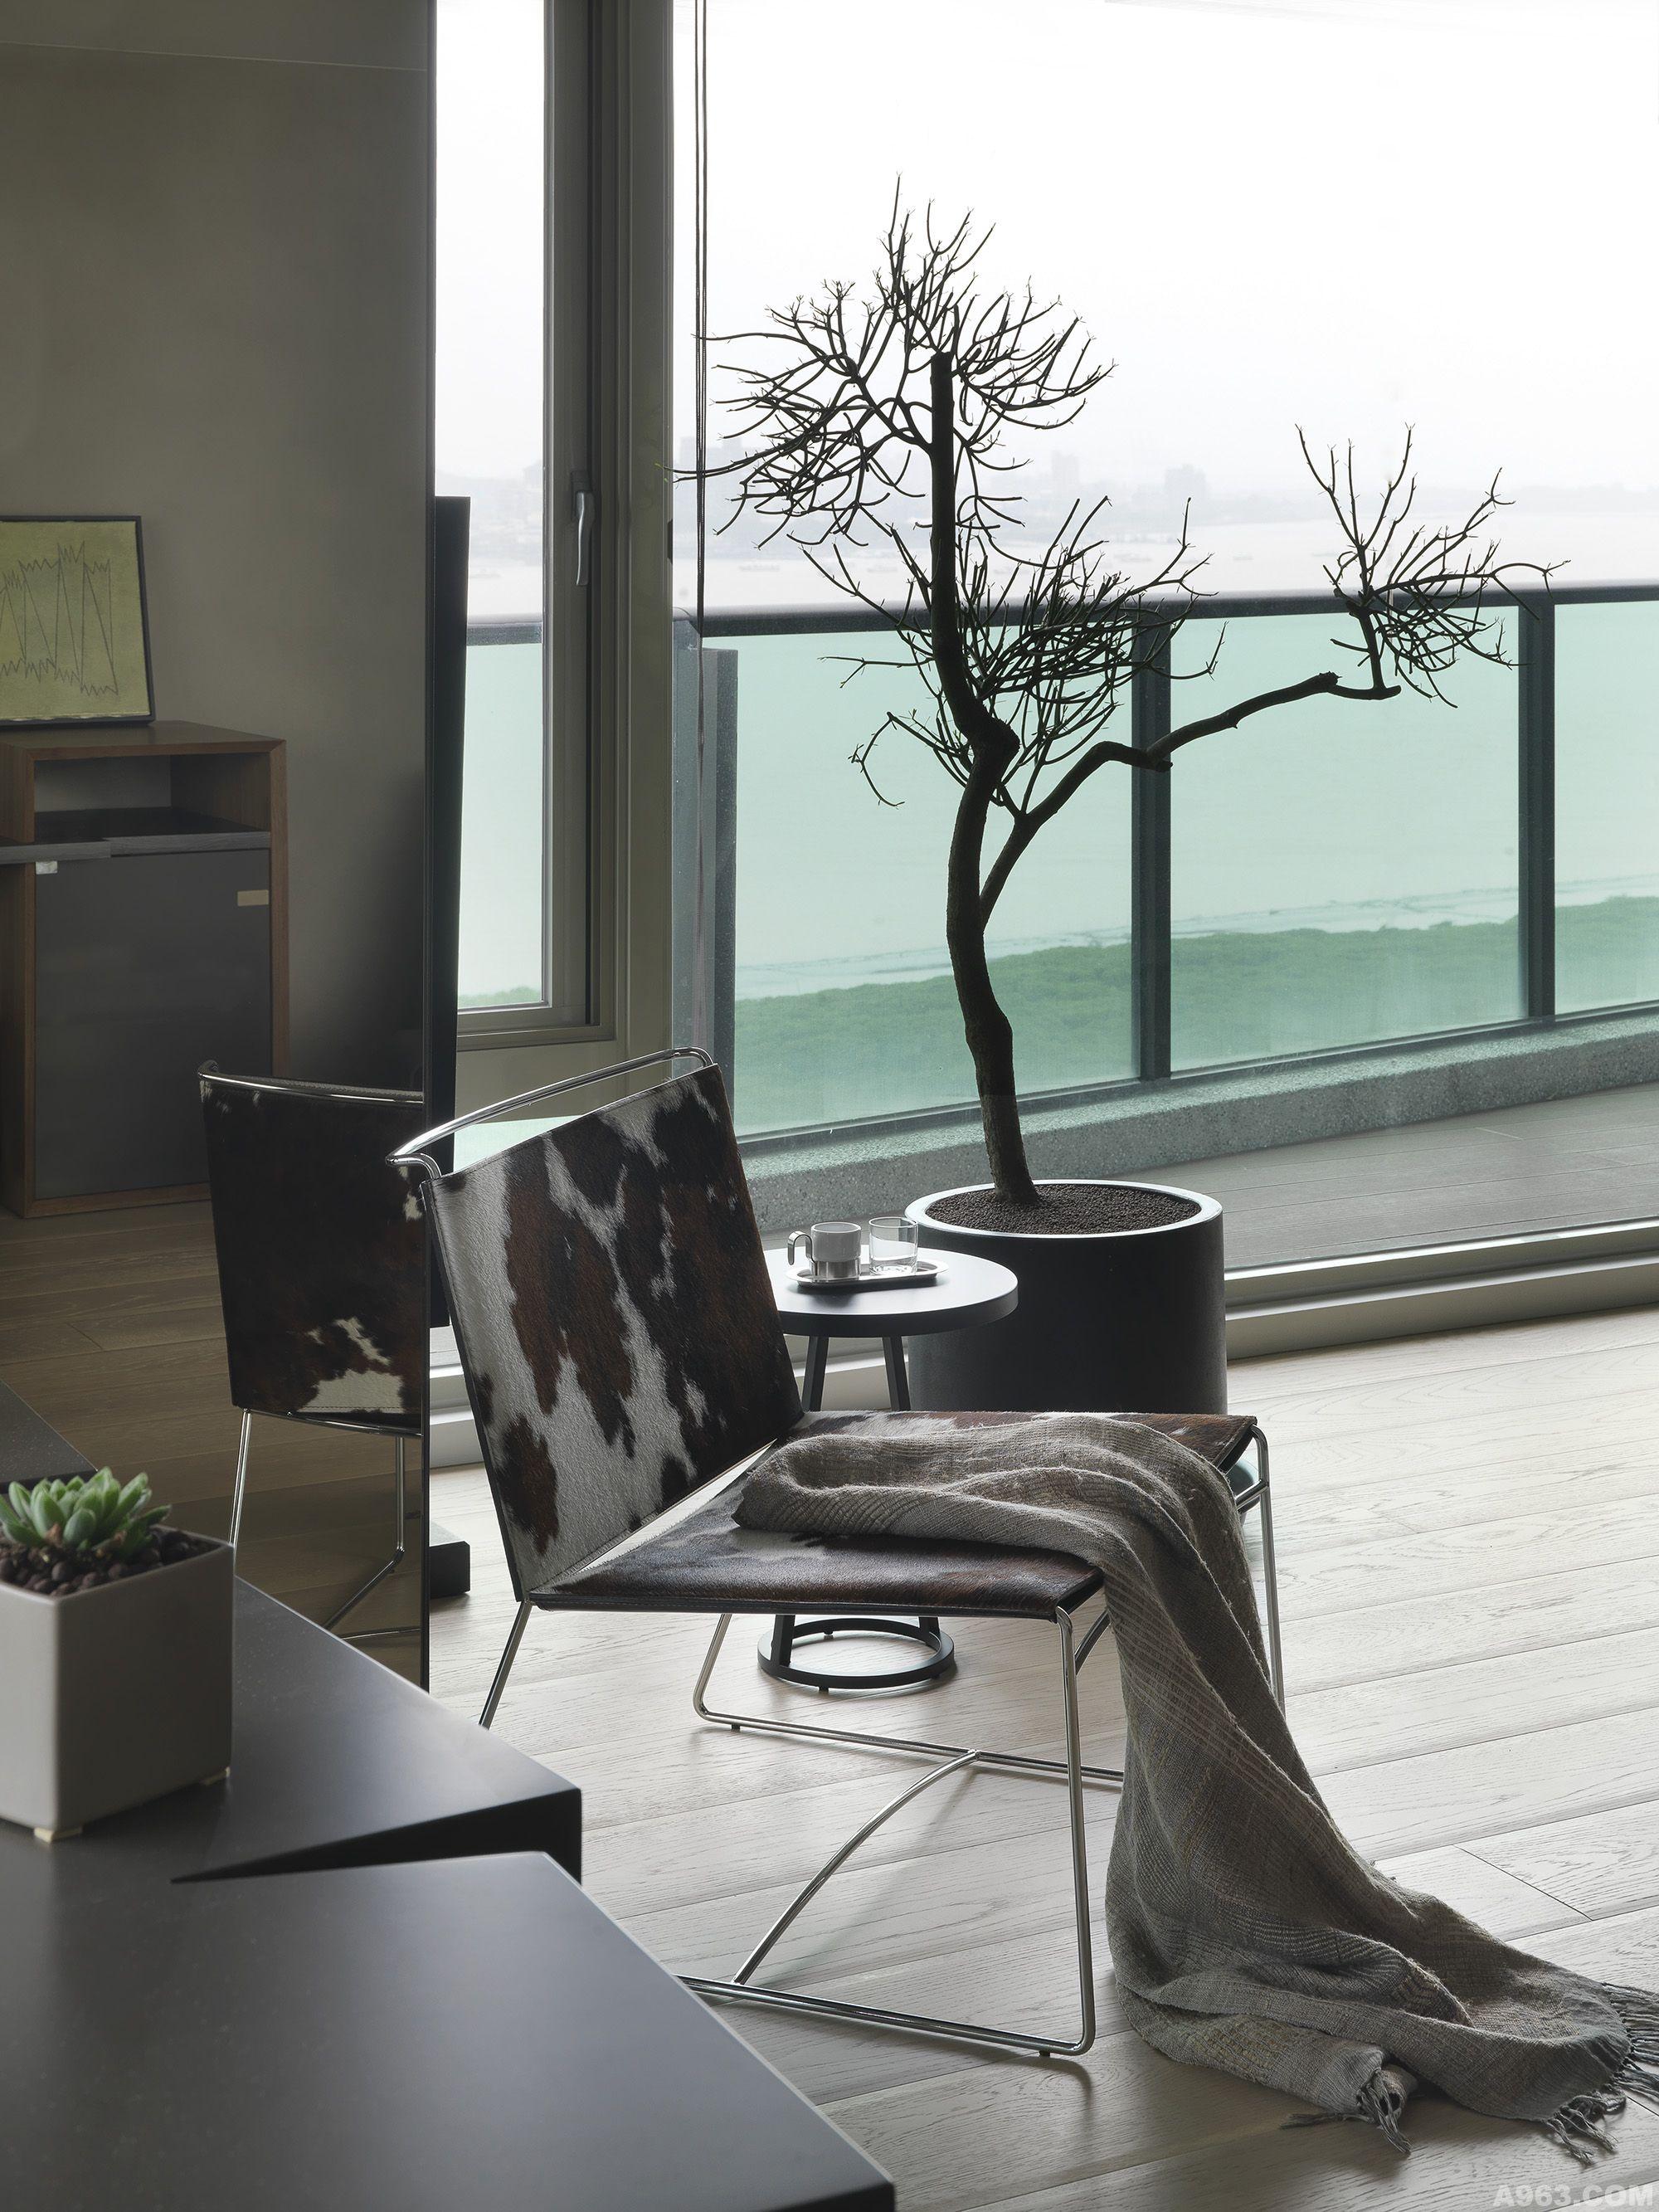 7米阳台落地窗户设计图展示